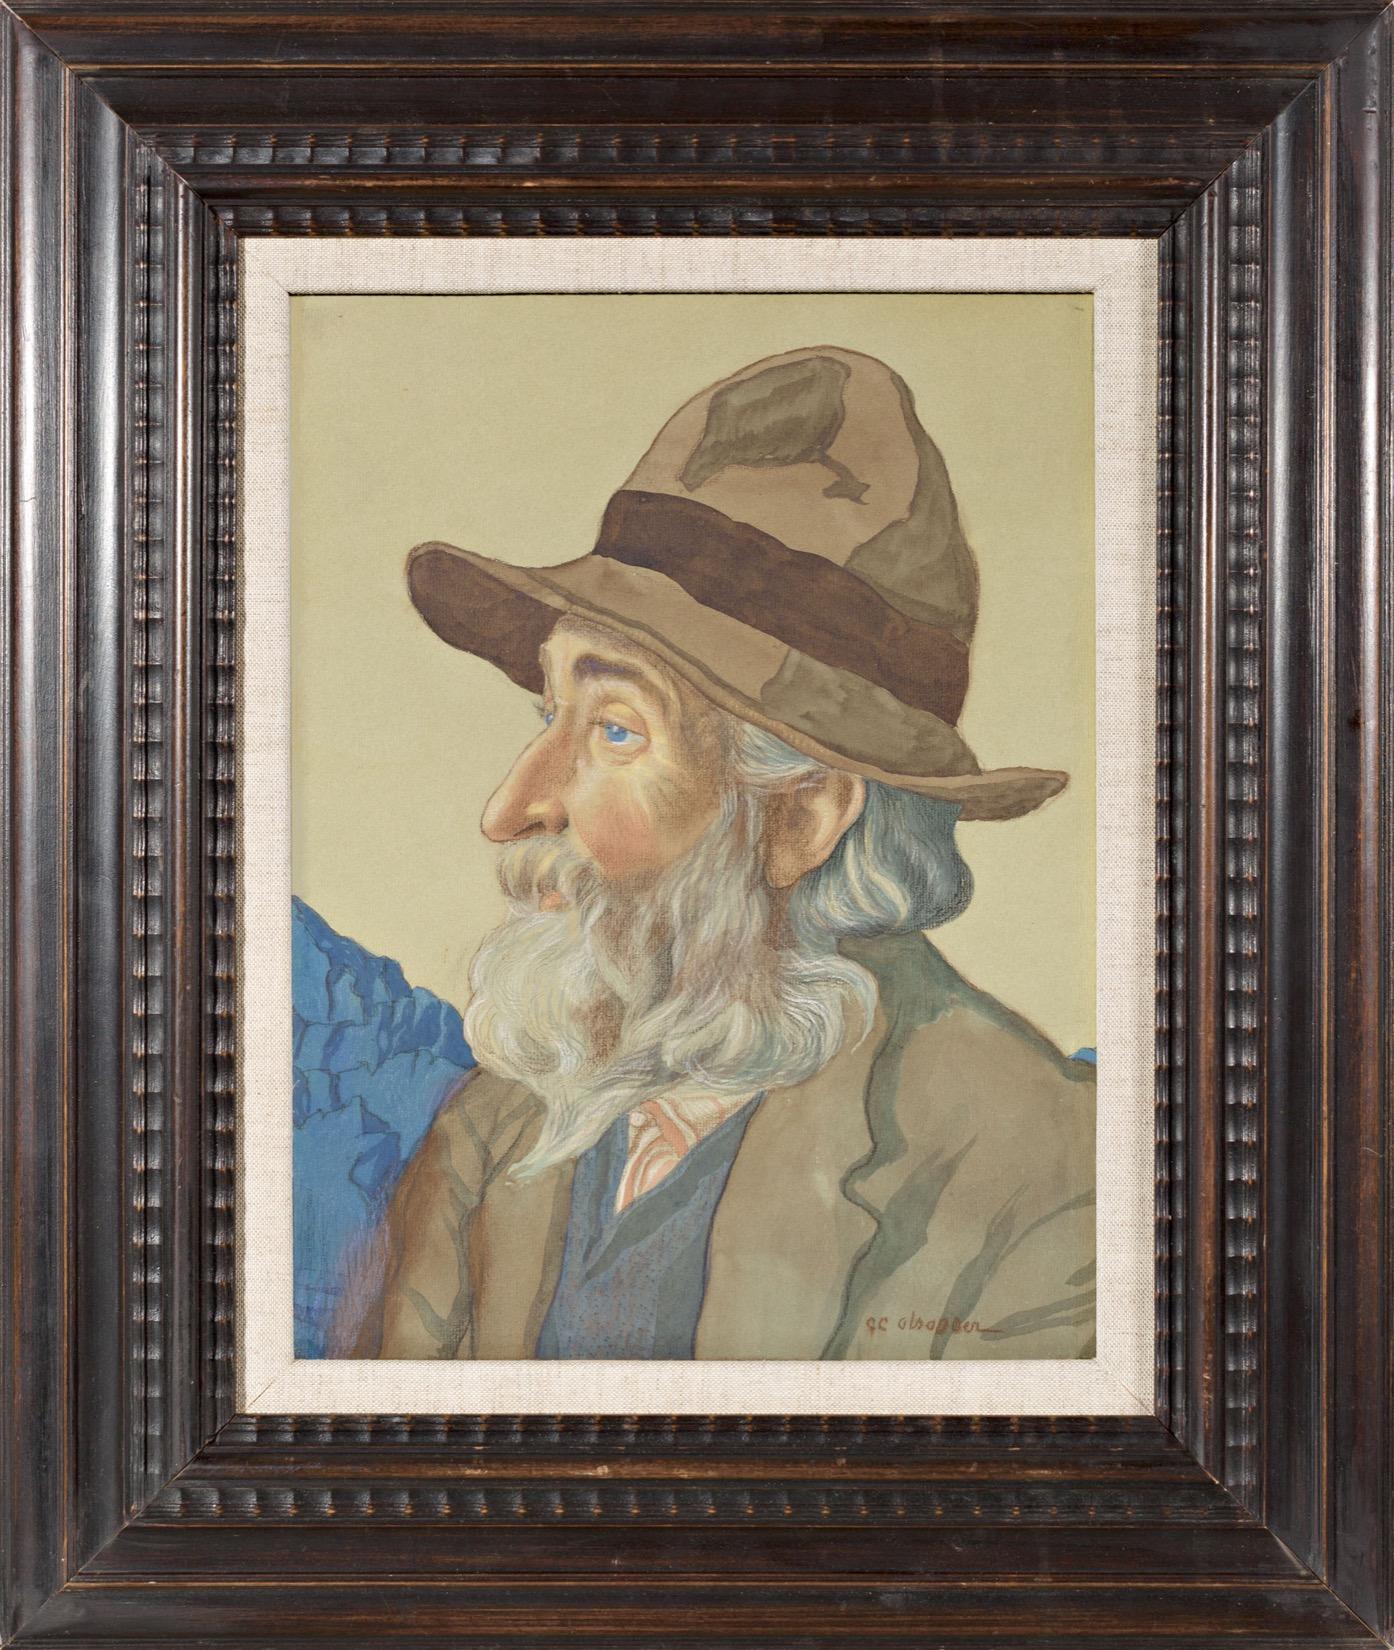 Le vieux valaisan au chapeau